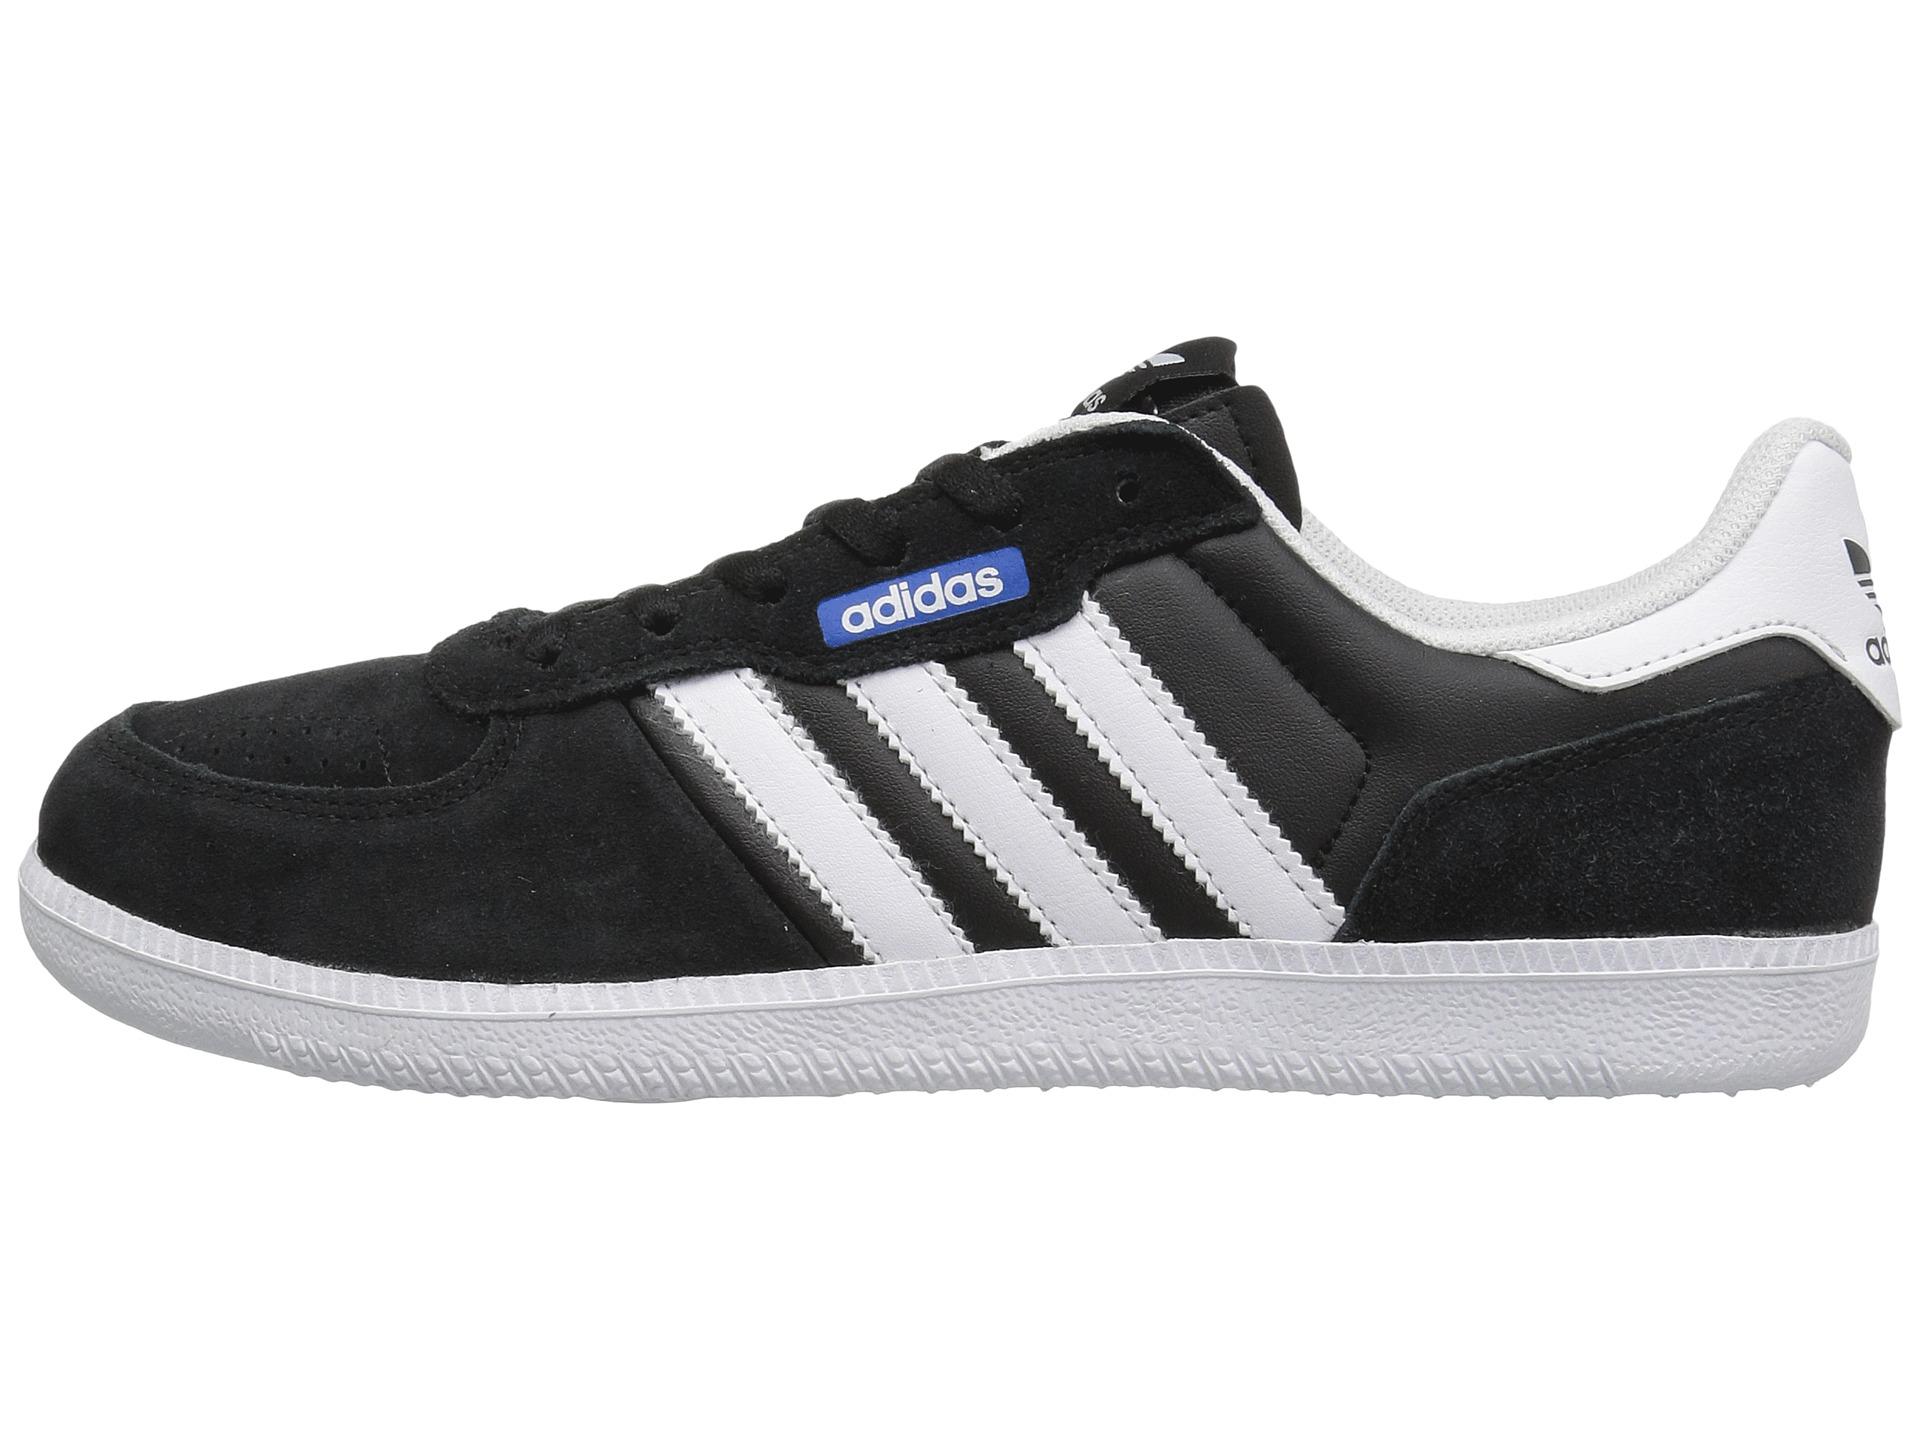 Adidas Men S Leonero Skate Shoes Reviews